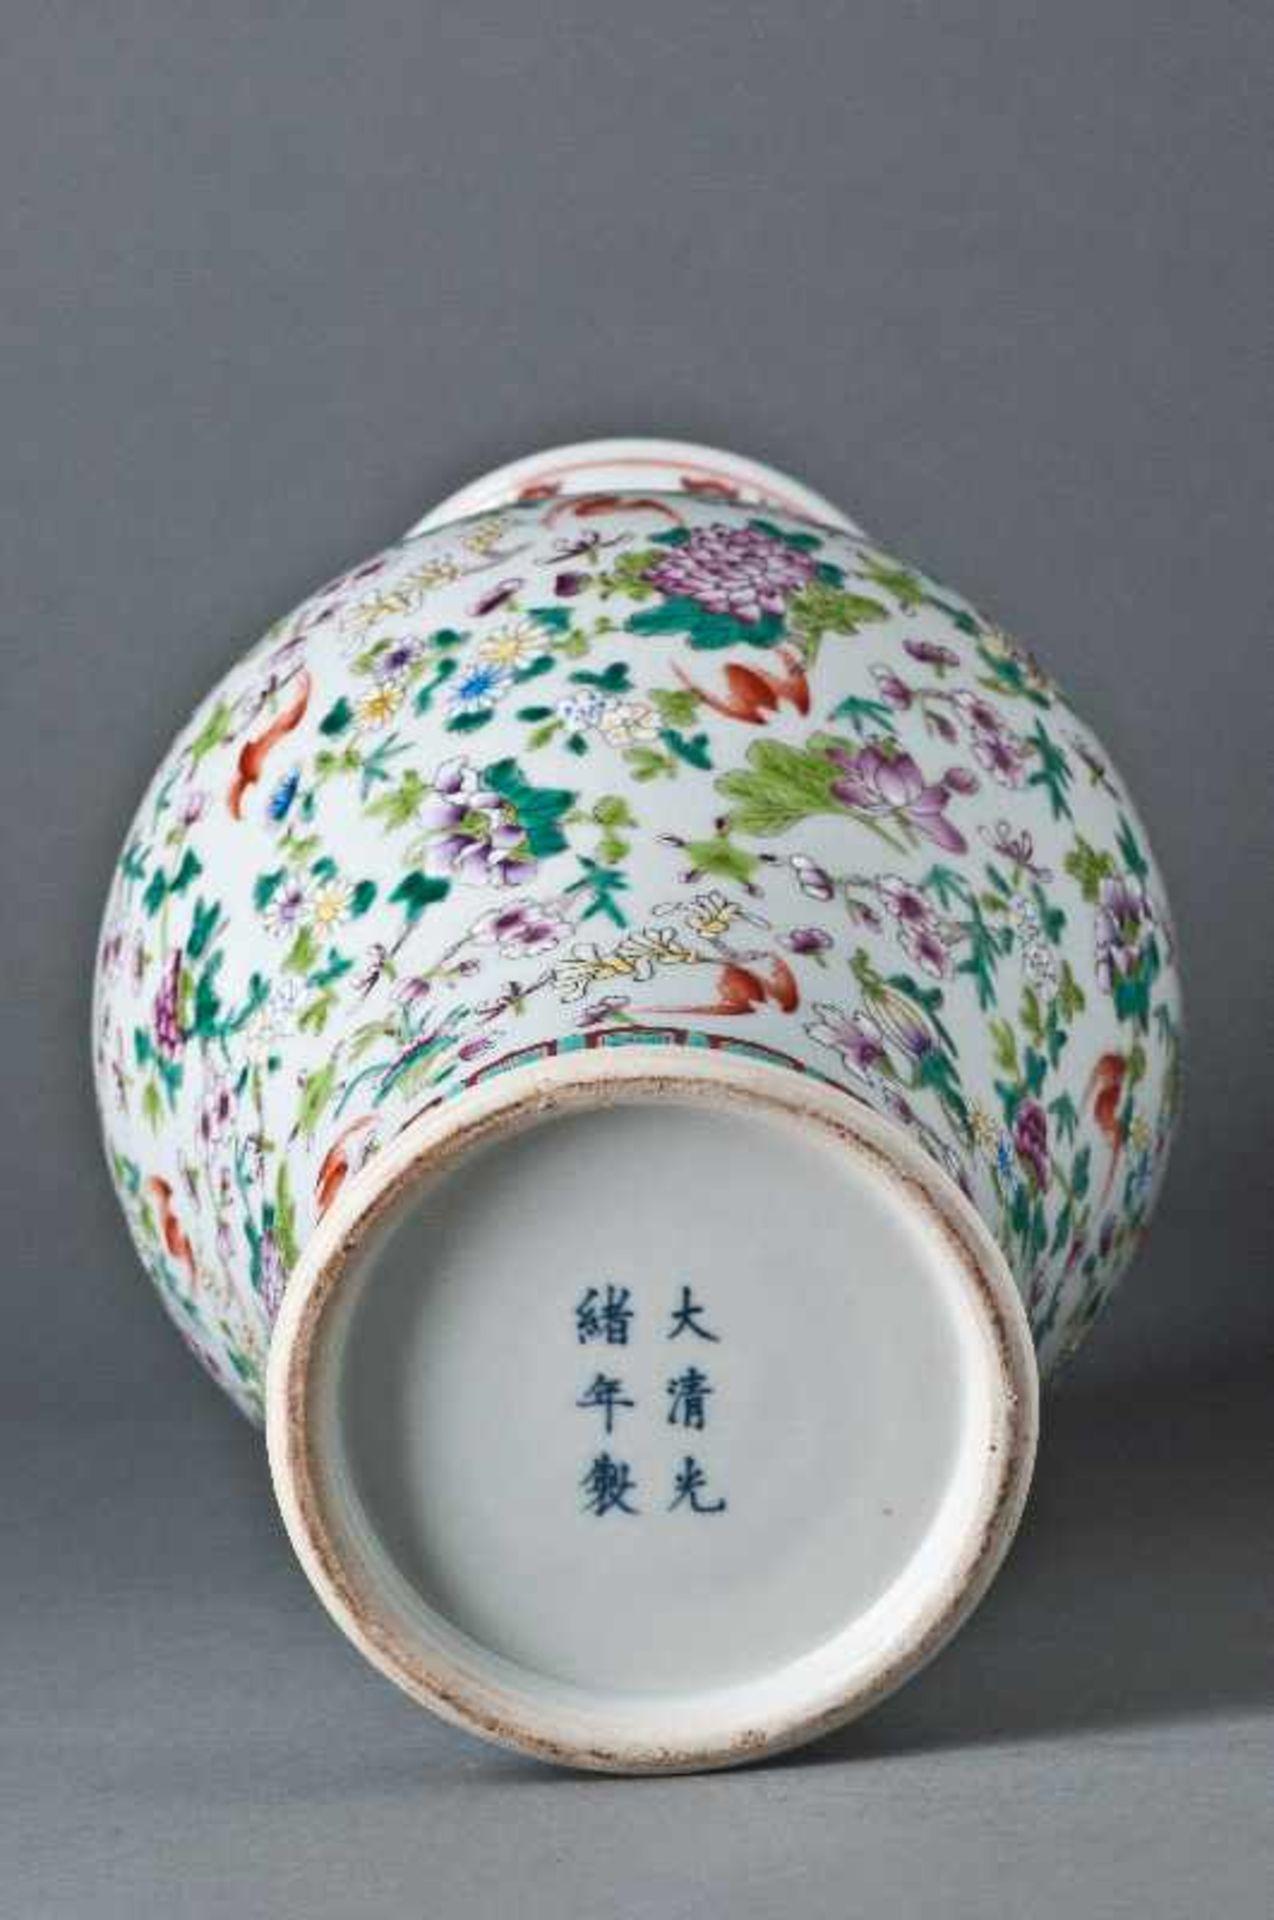 GROßE VASE MIT BLÜTEN UND FLEDERMÄUSENPorzellan mit Emailfarben. China, Bodenmarke Guangxu, 1874 - - Image 3 of 7